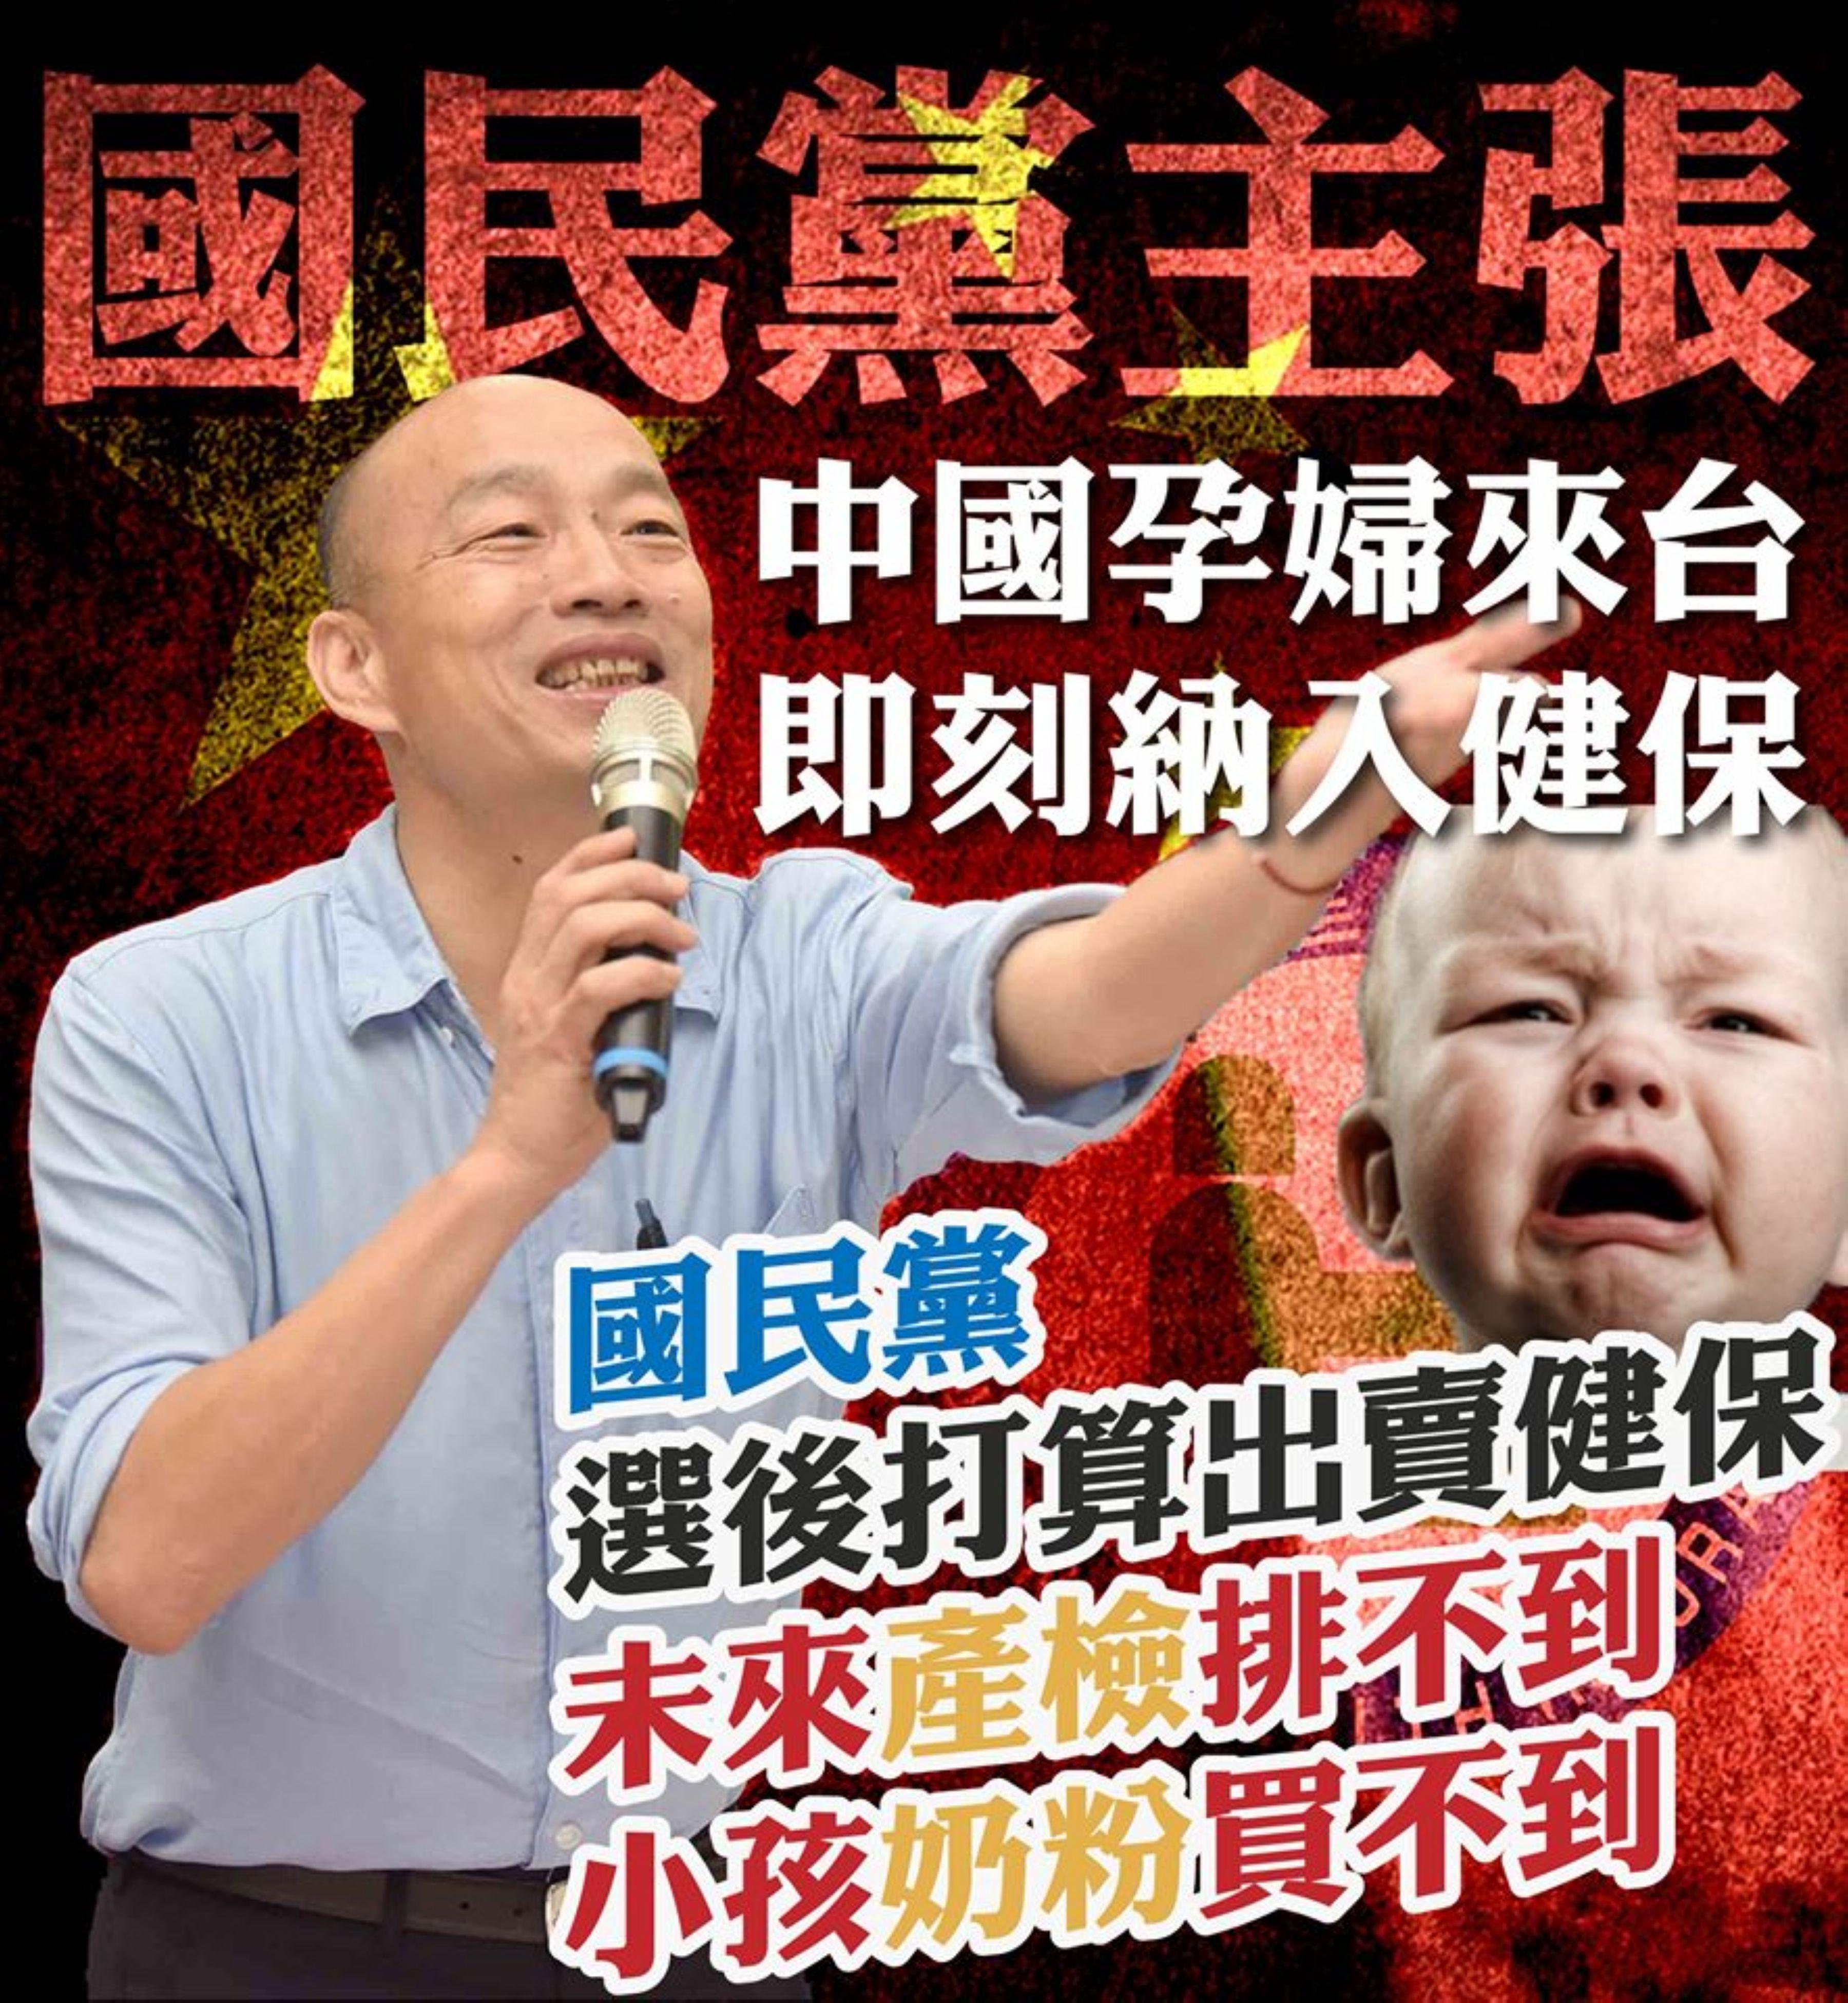 【廖元豪觀點】為了選舉,不惜把臺灣媳婦硬說成中國孕婦